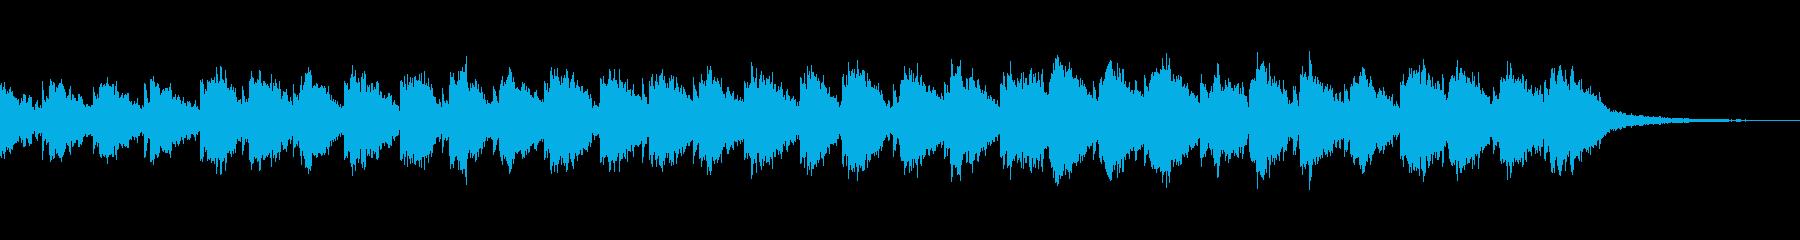 ギターとピアノ音によるアンビエントの再生済みの波形